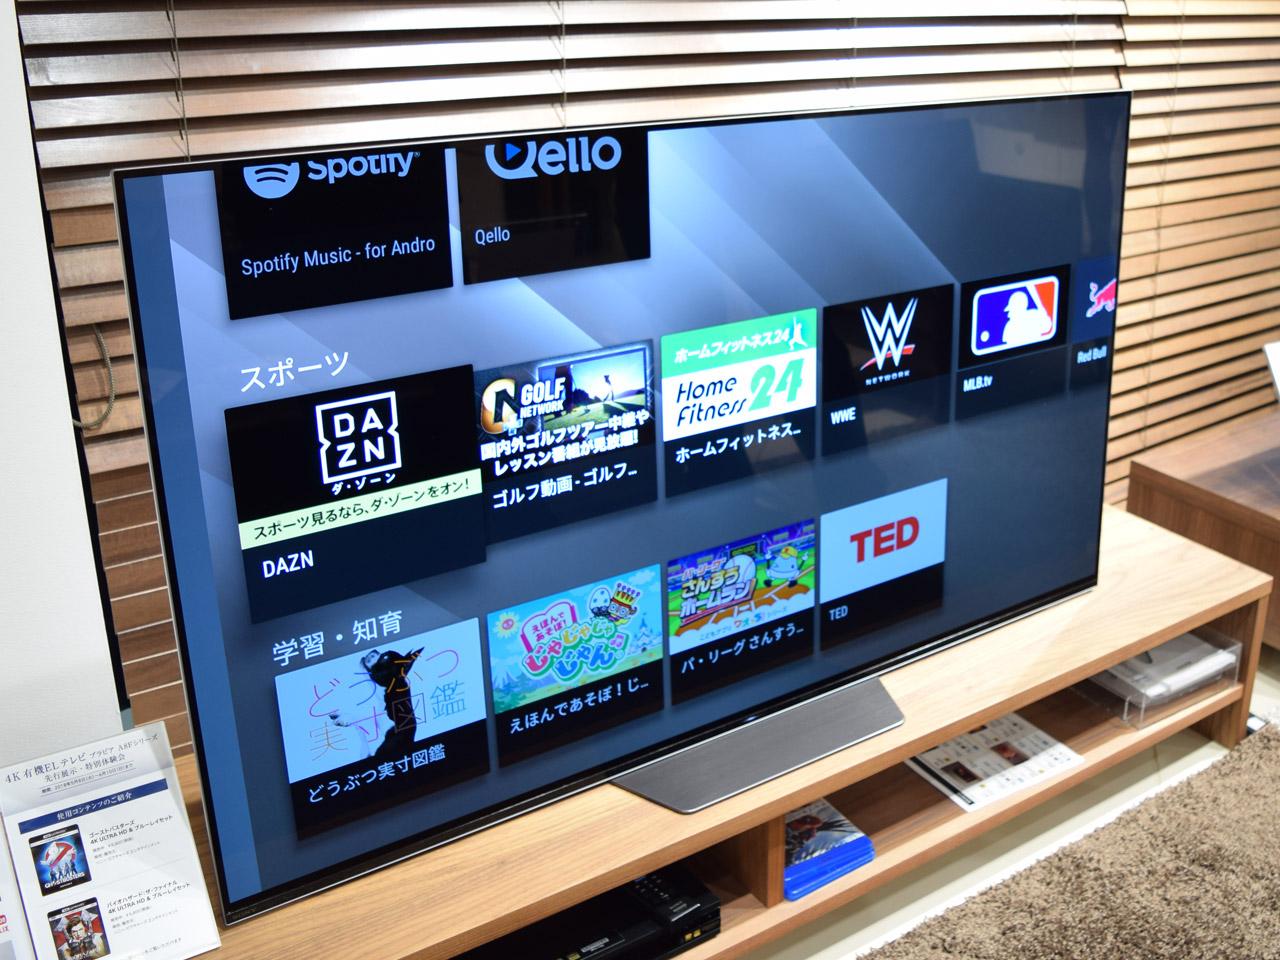 ソニー 『BRAVIA』A8Fシリーズ でAndroid TV機能を試している様子